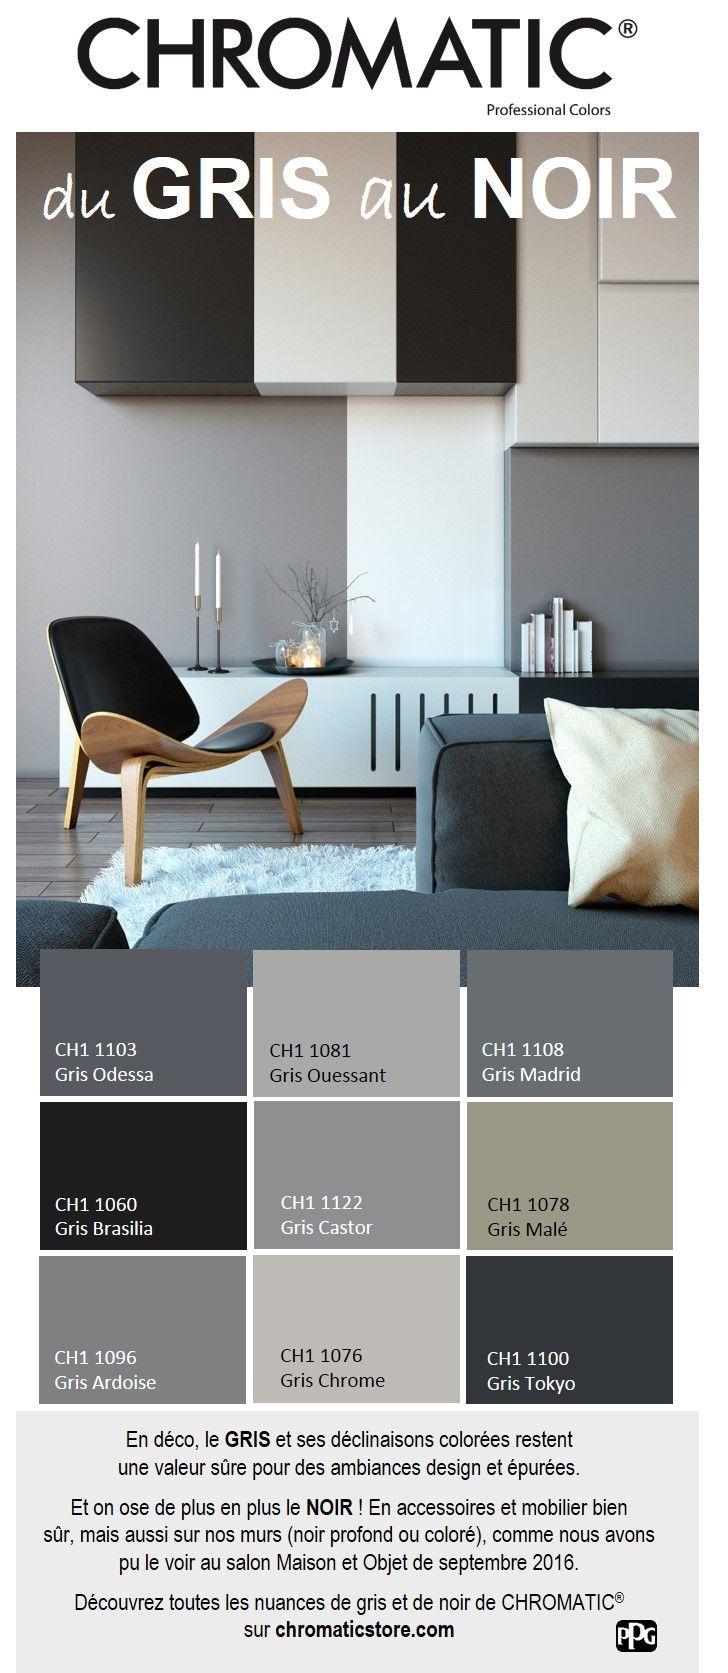 Découvrez toutes les nuances de gris et de noir de CHROMATIC ...